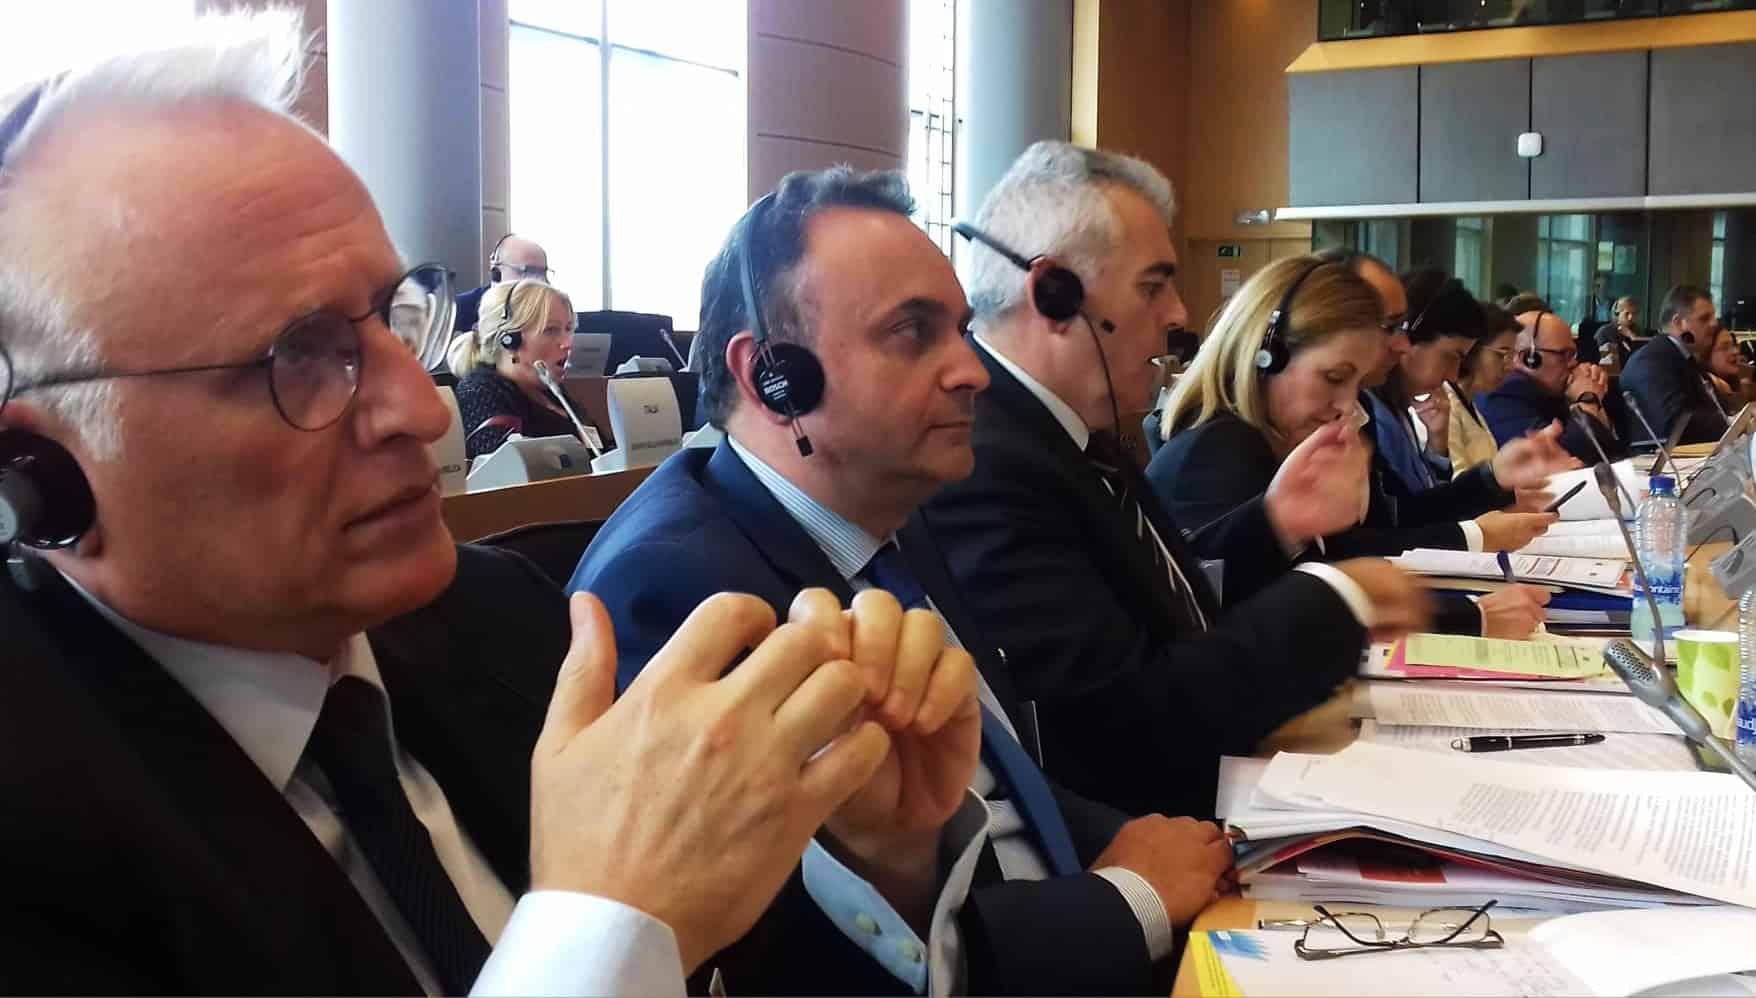 Σύσκεψη της ΜΟΚΕ της EUROPOL στις Βρυξέλλες 24-09-2019